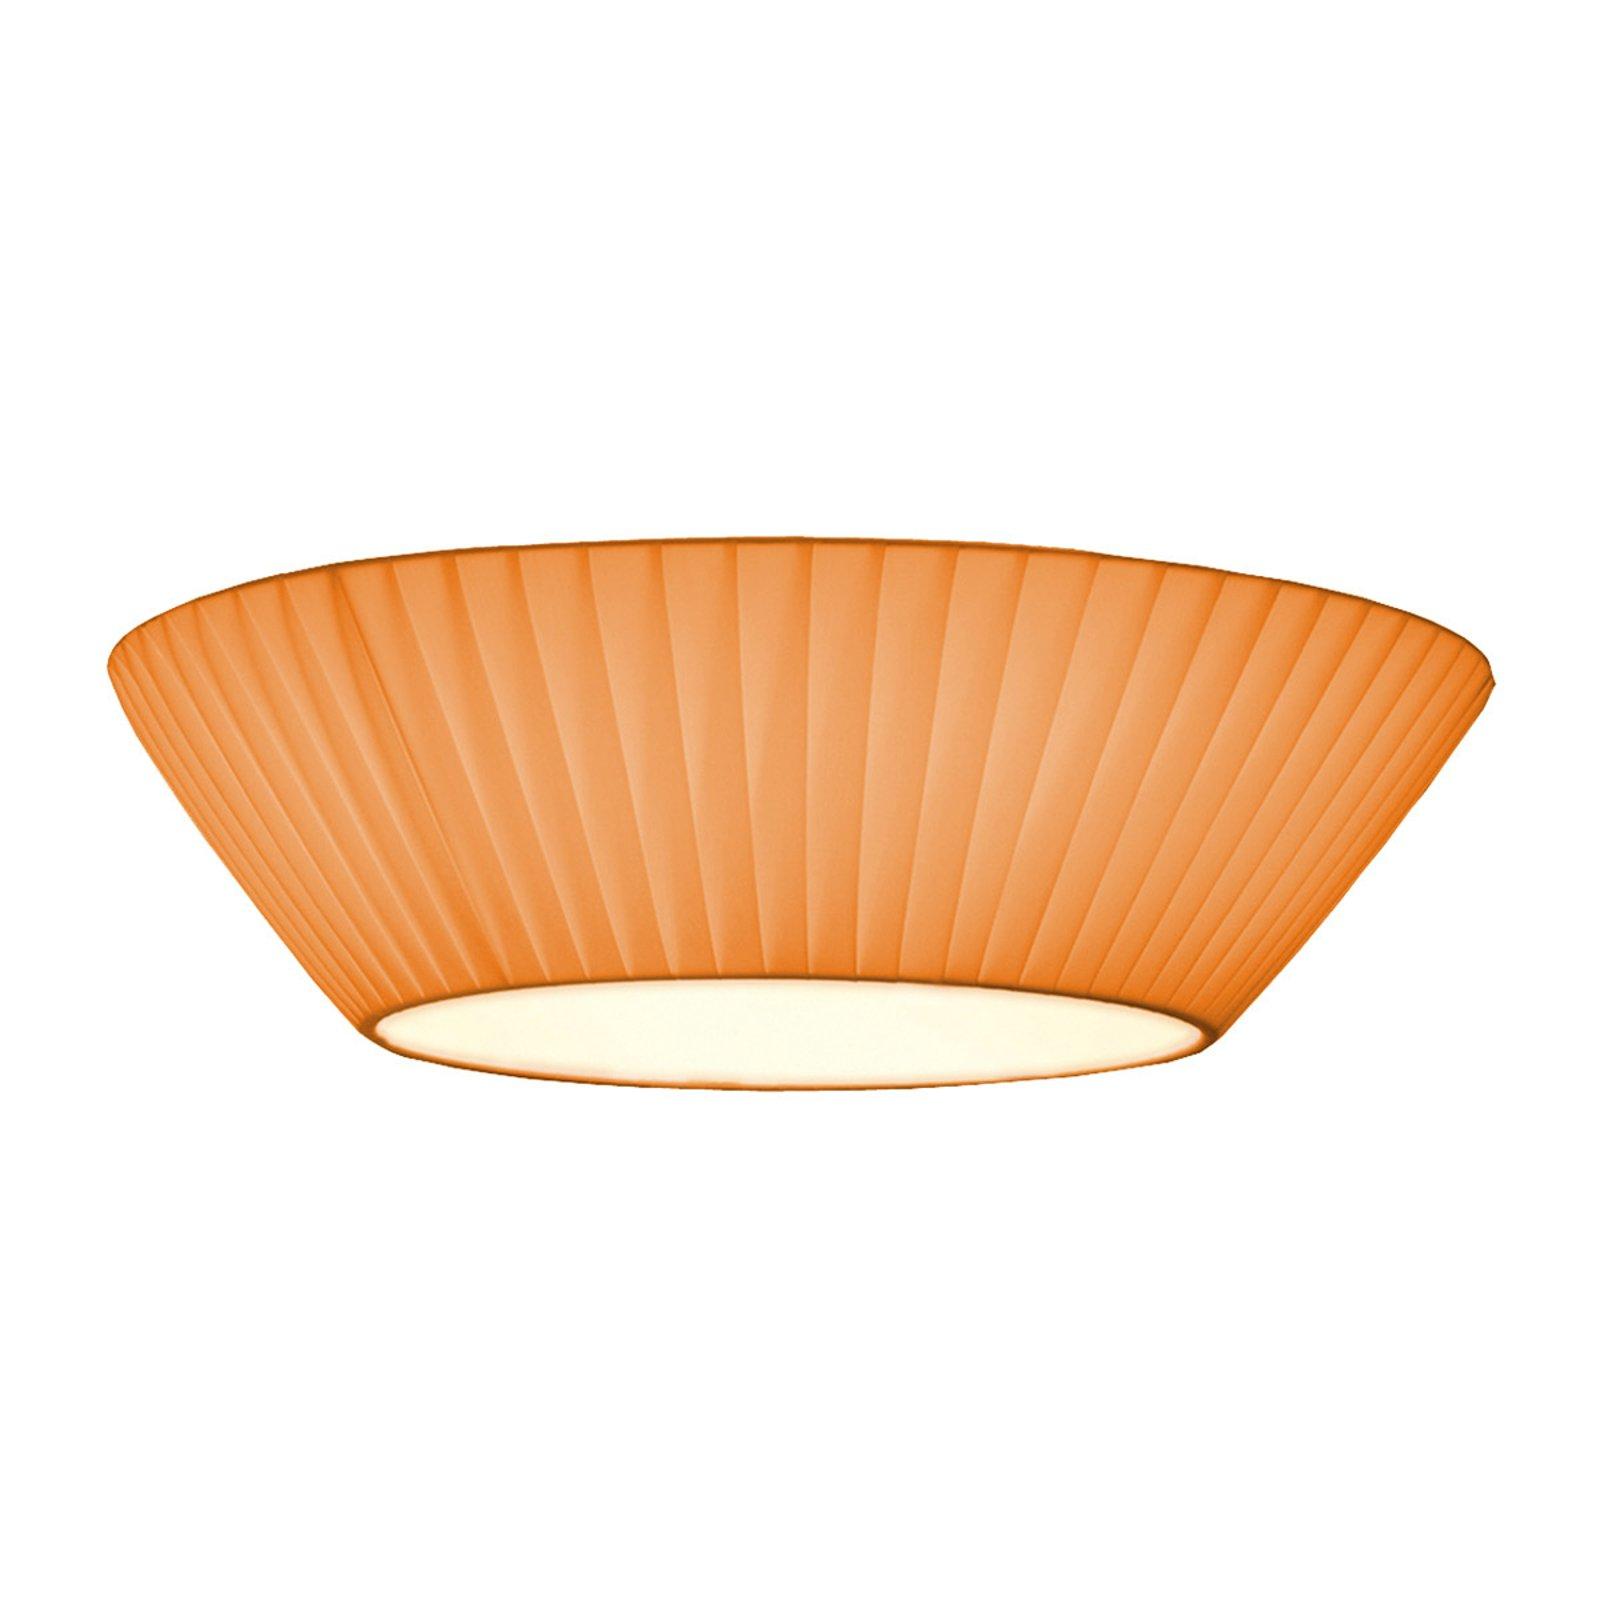 Enkel Emma taklampe i oransje Ø 50 cm